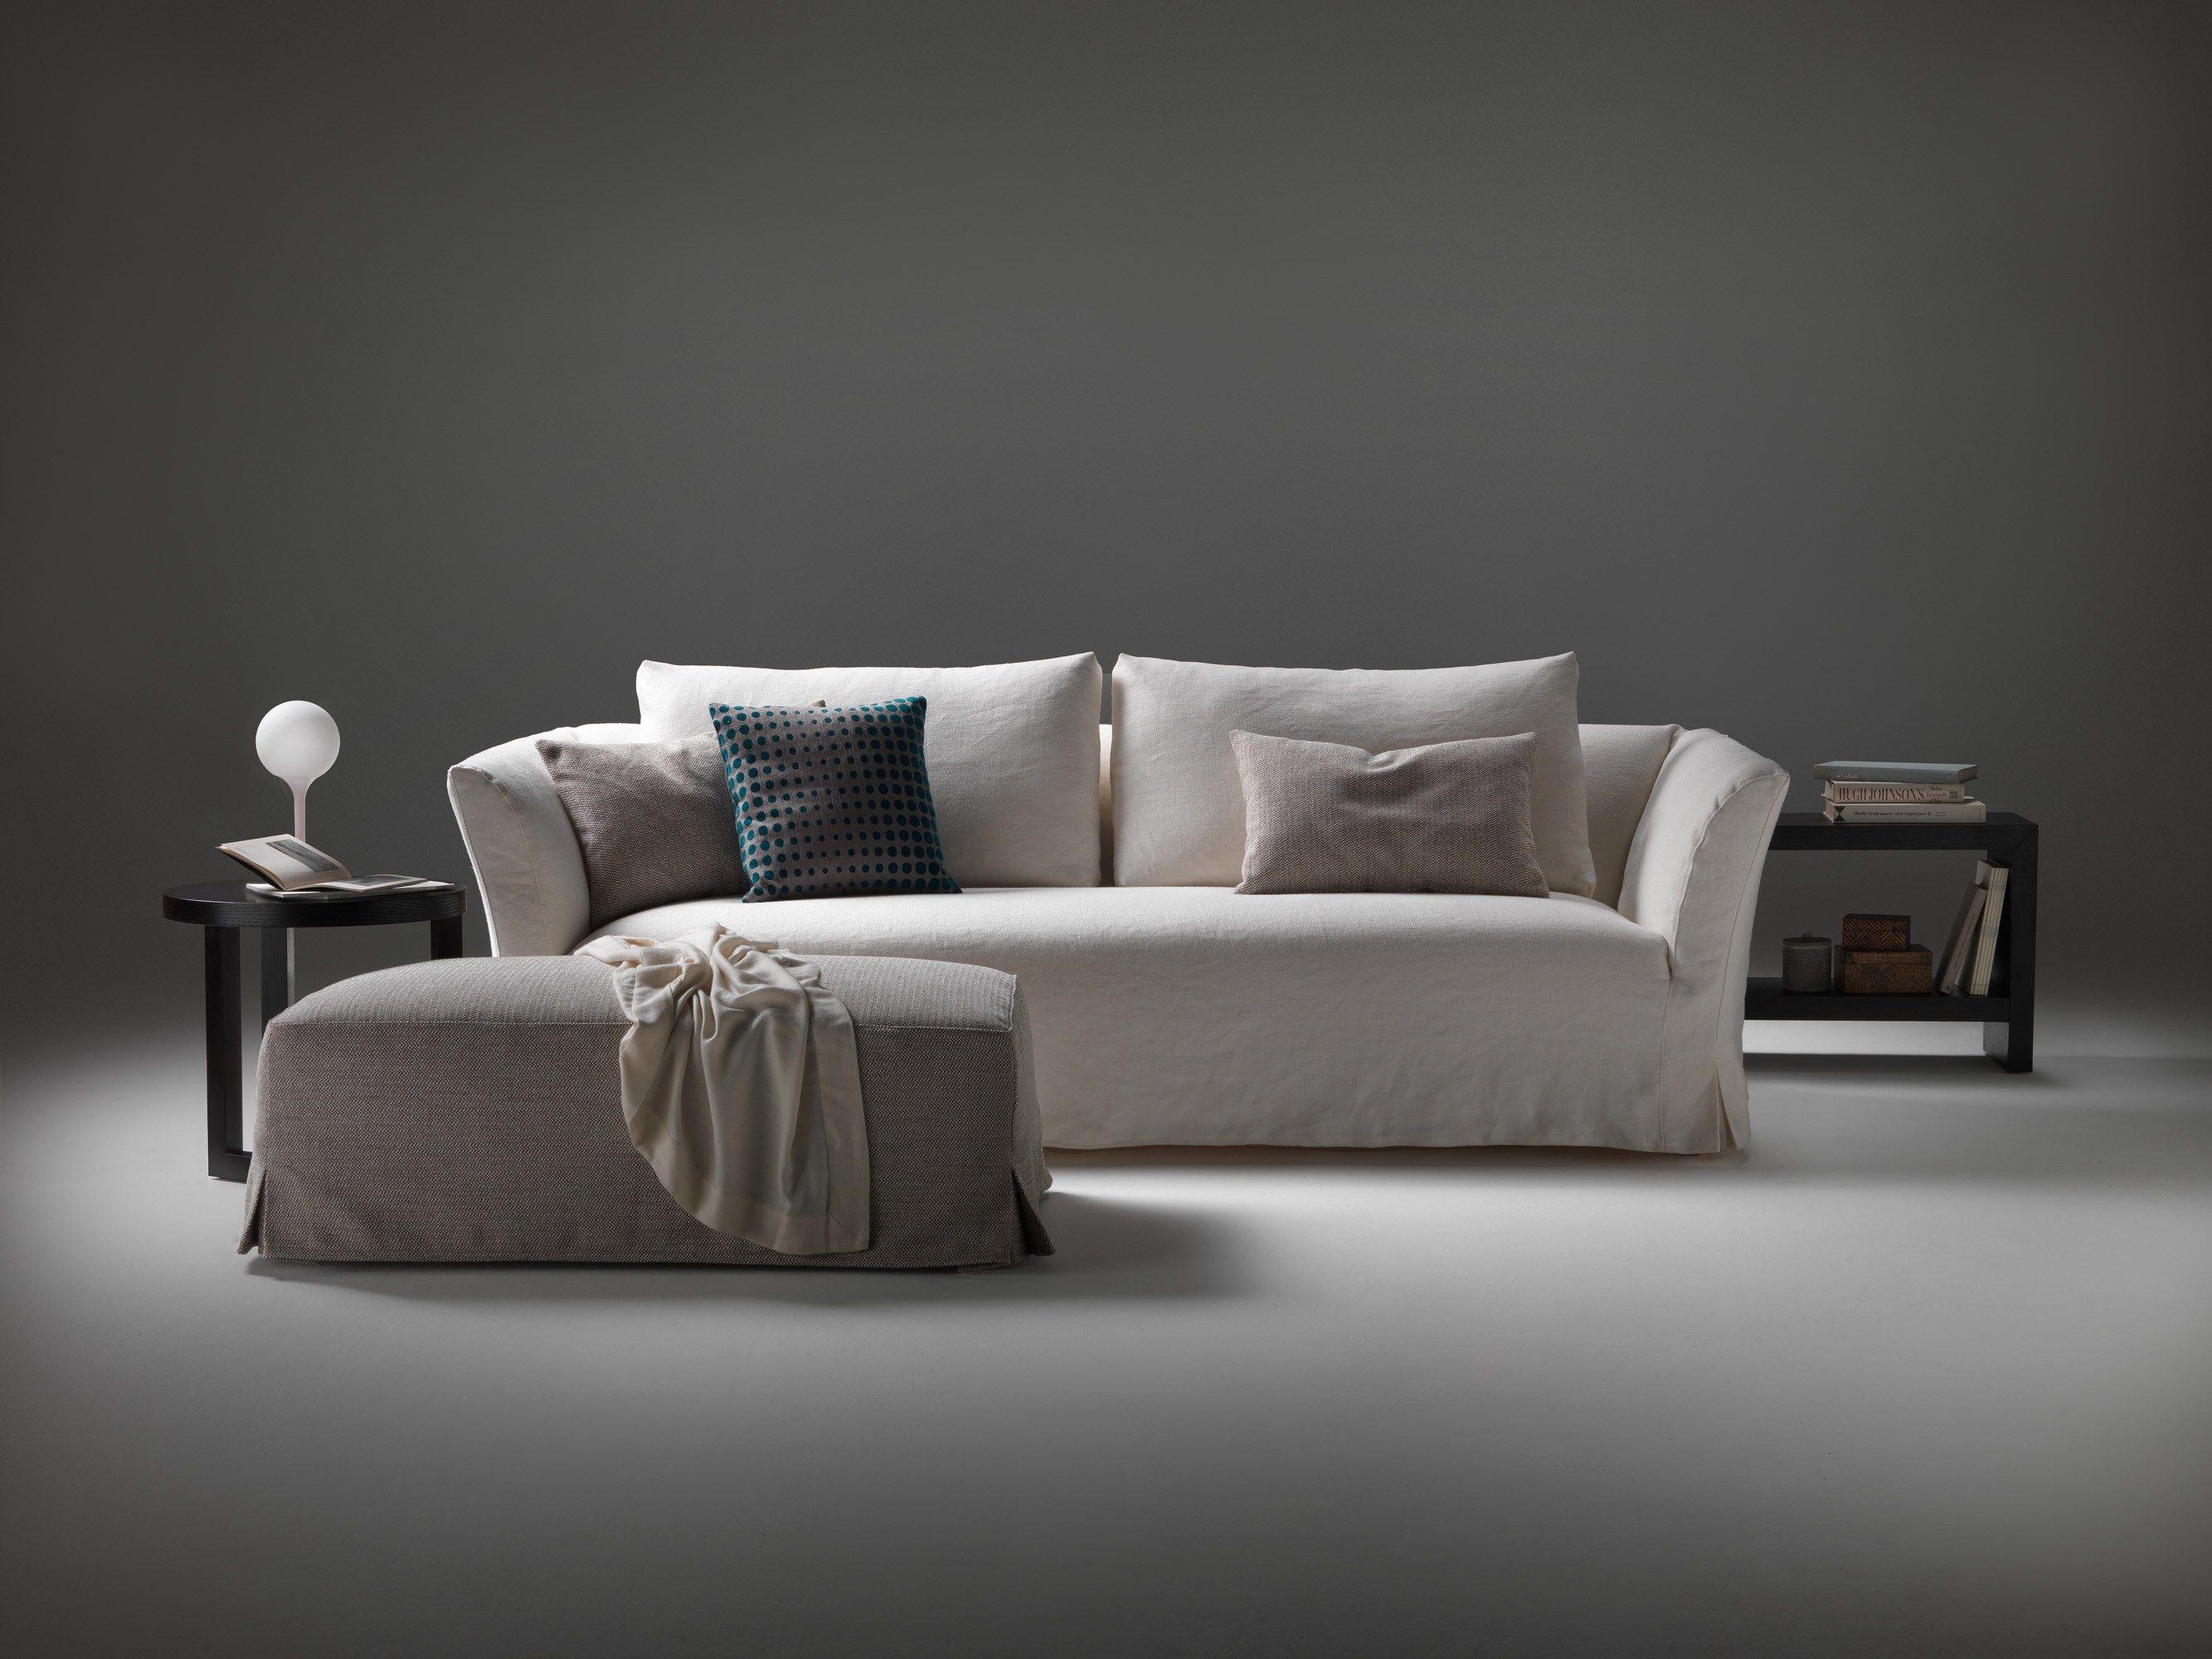 DREAM Relaxing Sofa By Marac Design MARAC